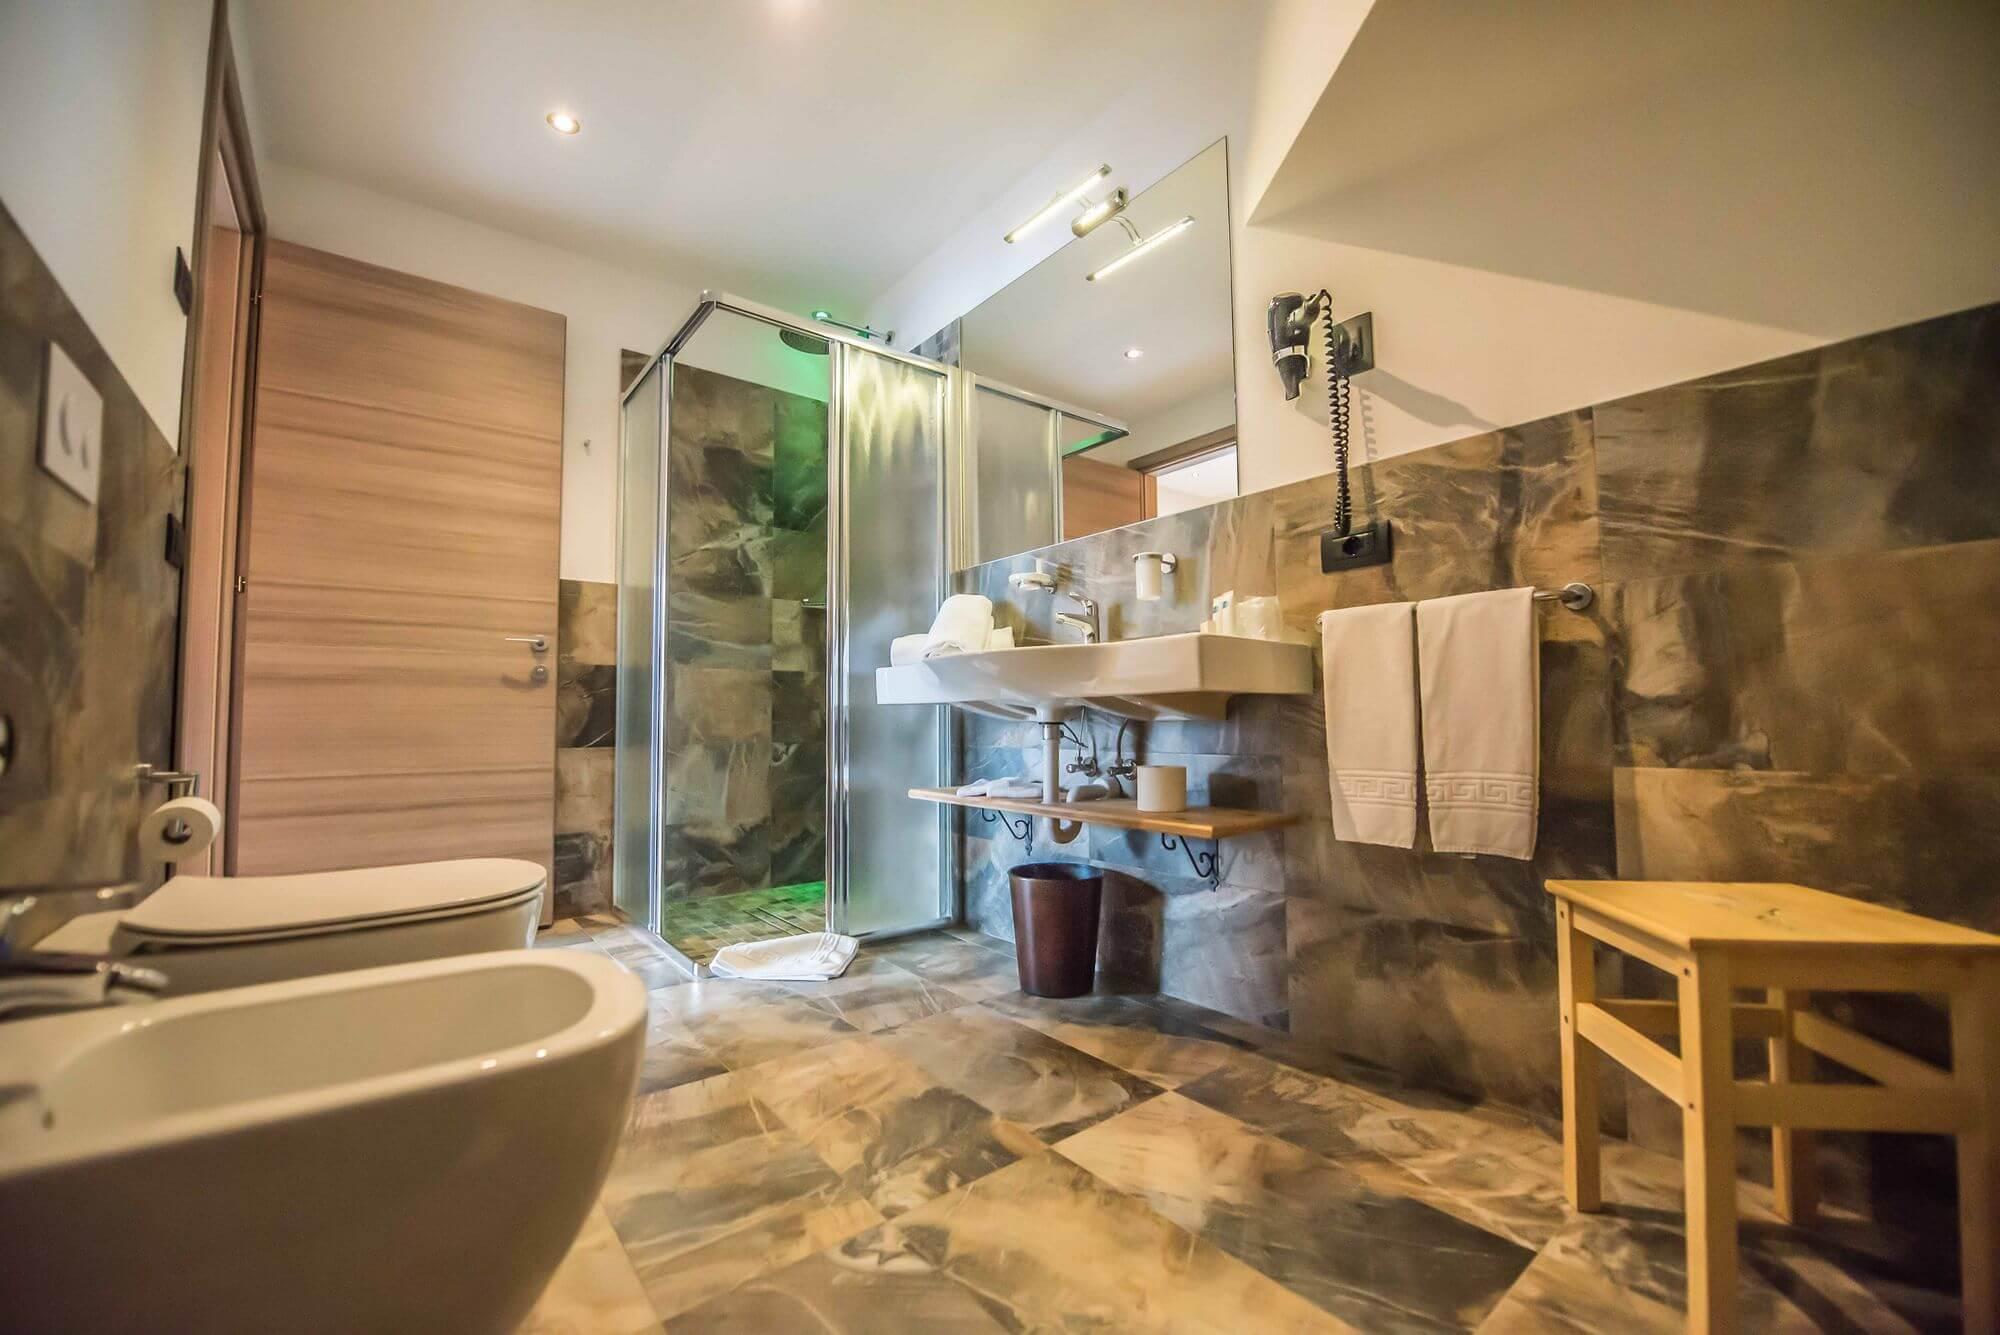 Bagno con doccia emozionale: Suite Hotel Le Alpi a Livigno